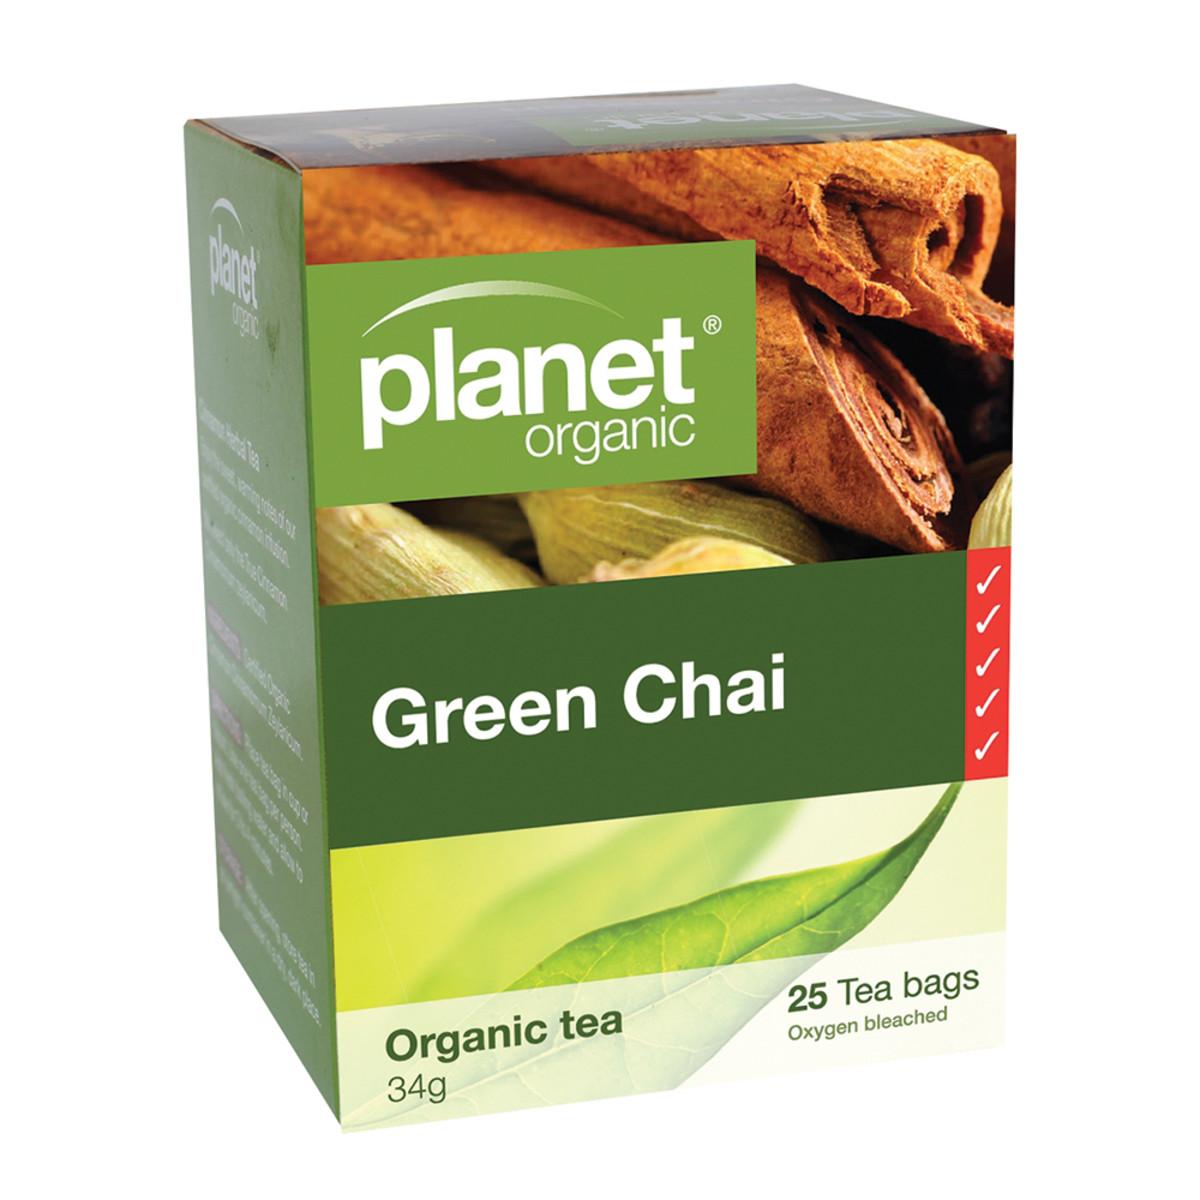 PLANET ORGANIC GREEN CHAI TEA ORG 25TB